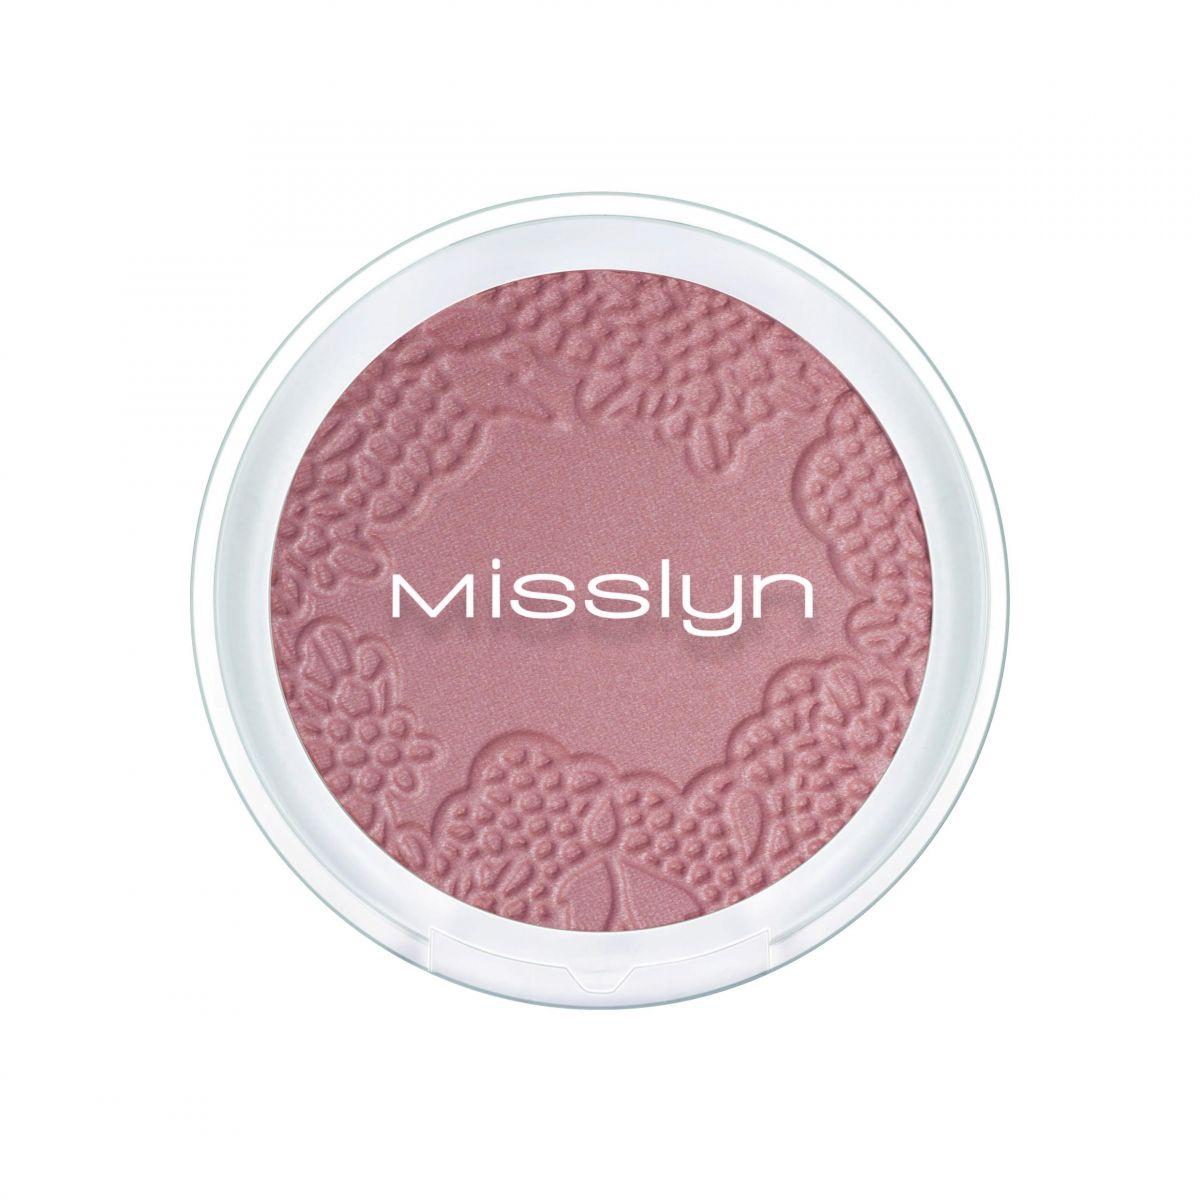 Misslyn представил коллекцию макияжа для романтических свиданий